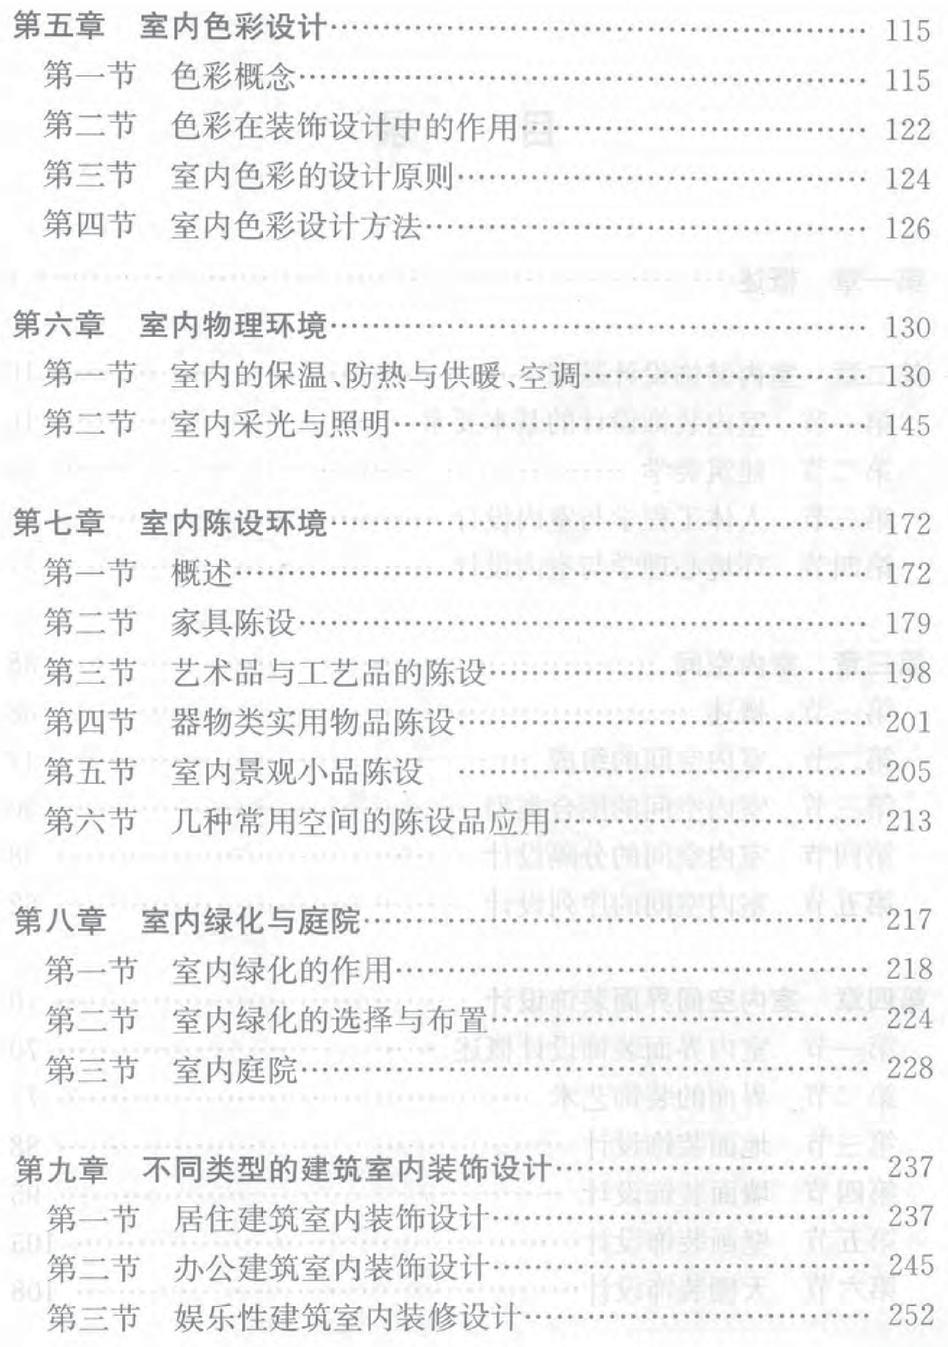 室内装修设计入门.杨波 ,2011 土木在线论坛 高清图片